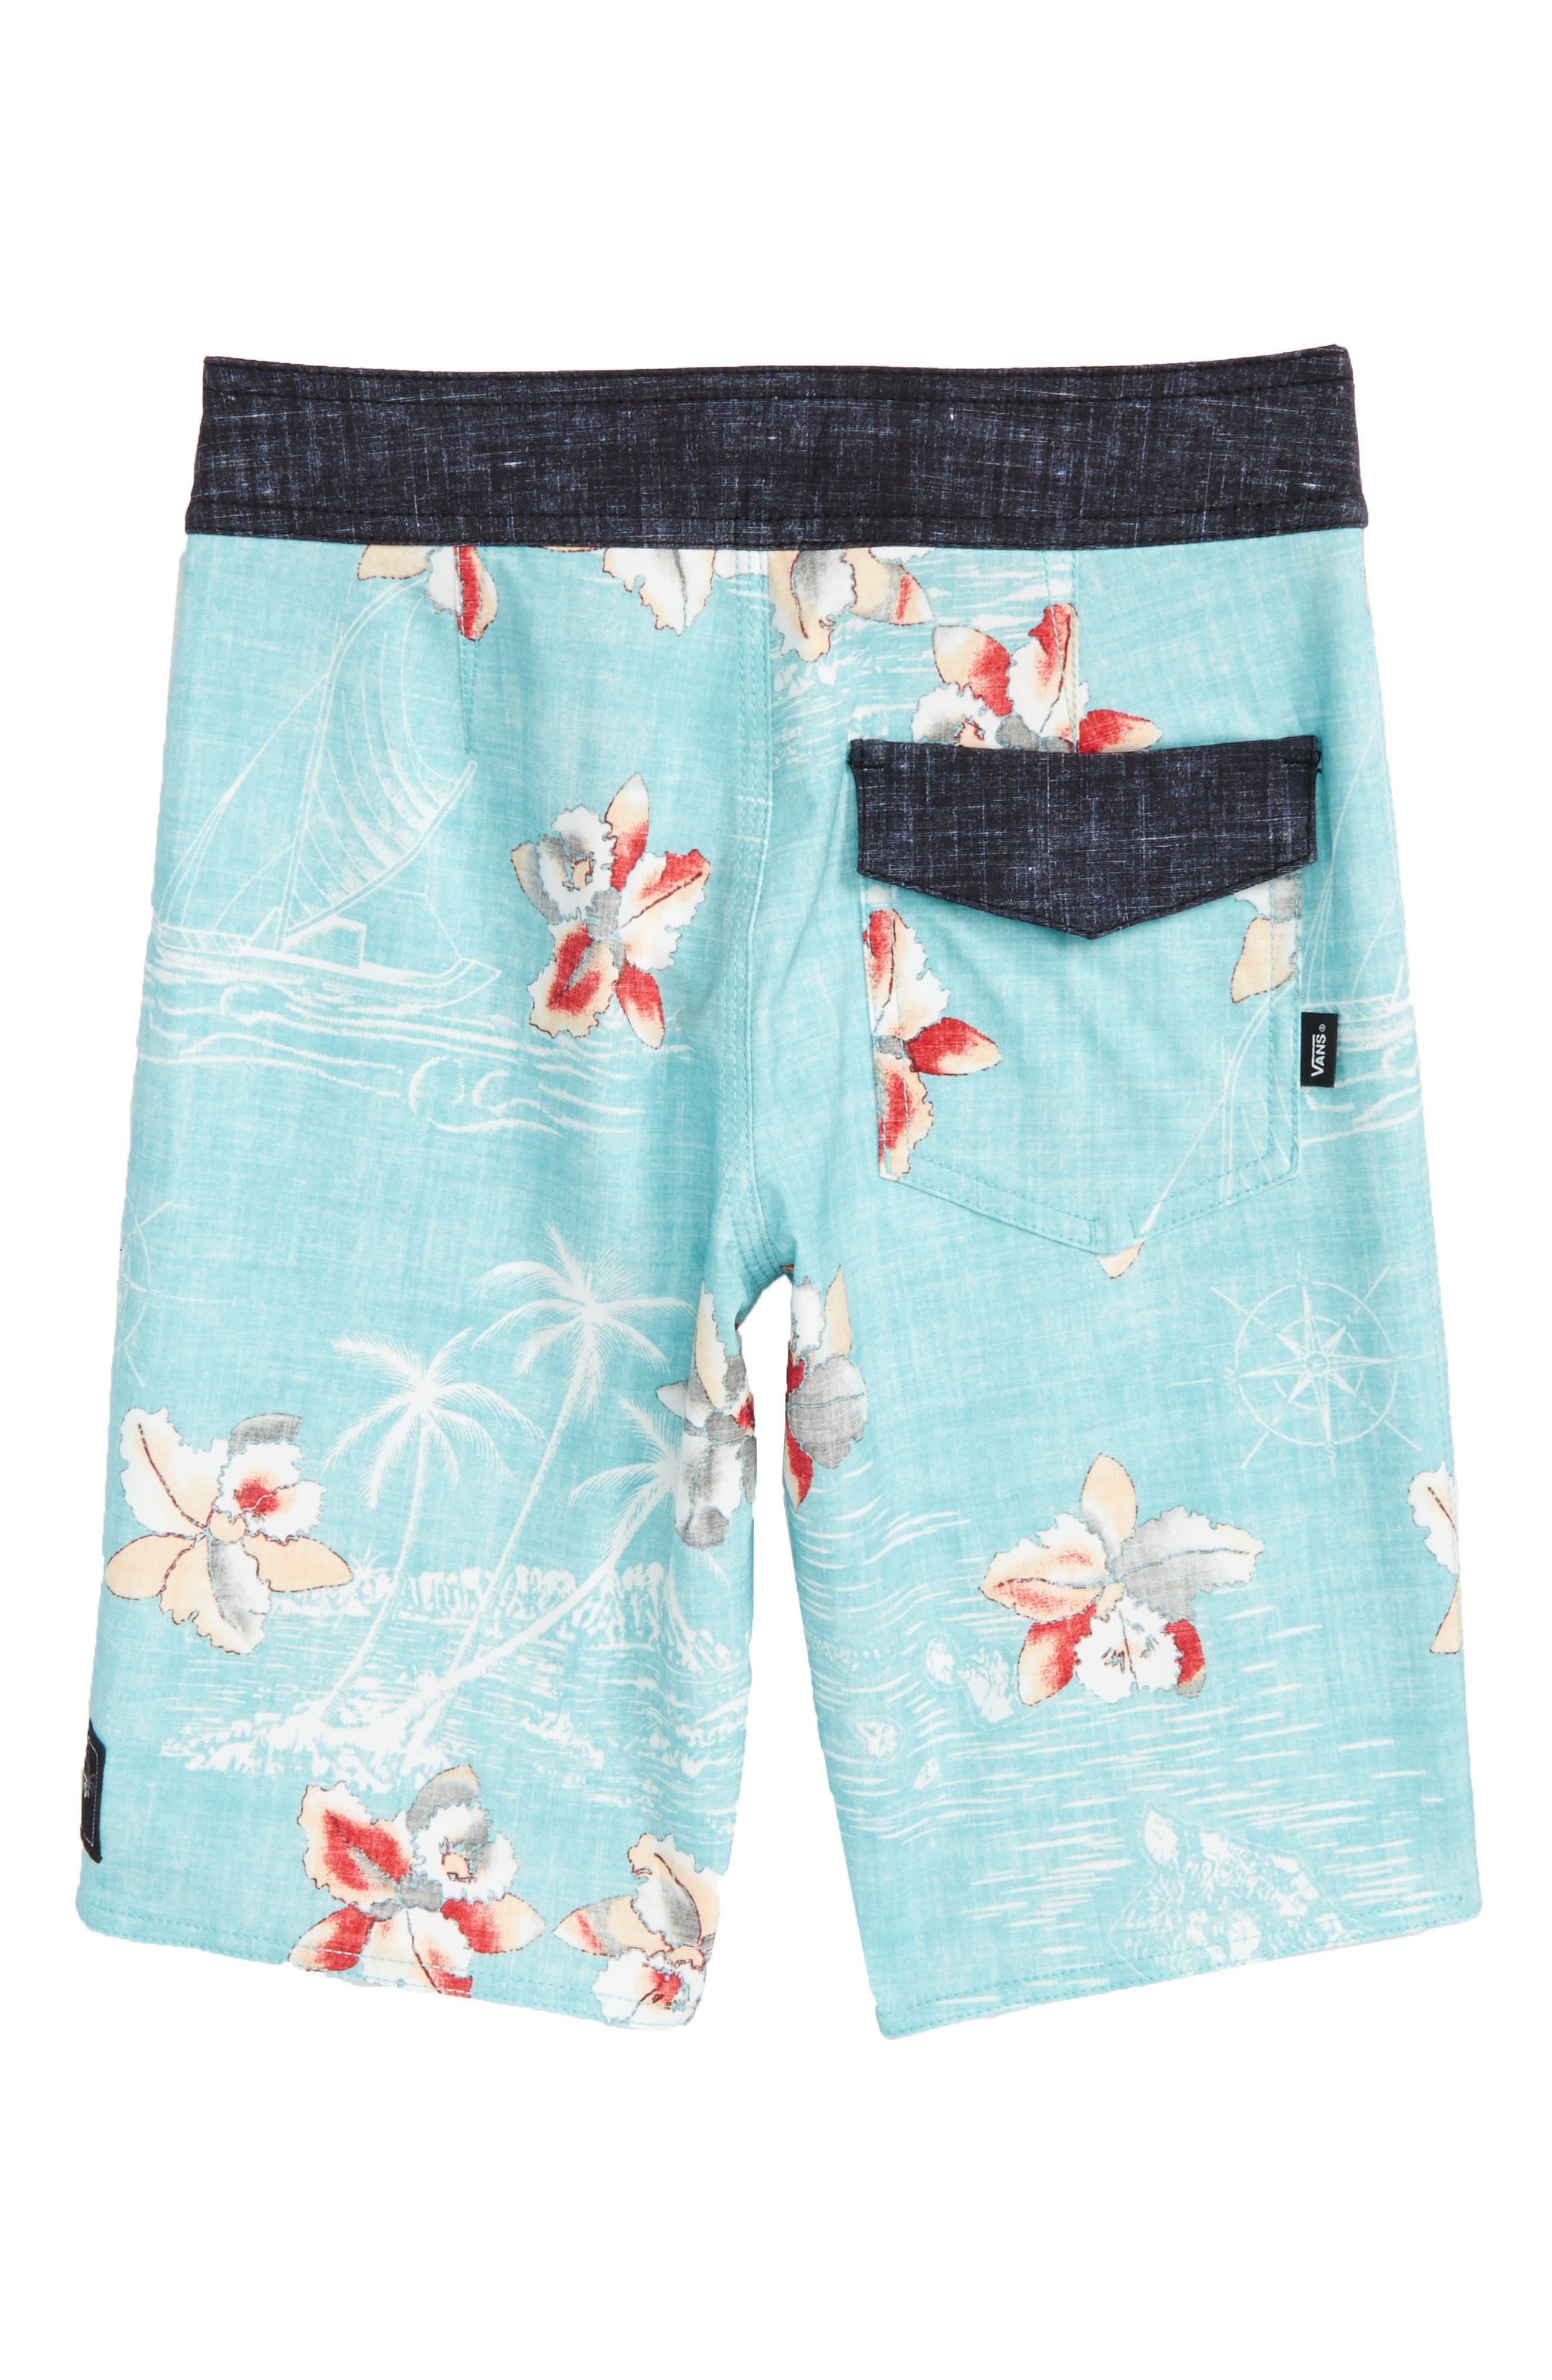 Hawaii Floral Board Shorts,                             Alternate thumbnail 2, color,                             400